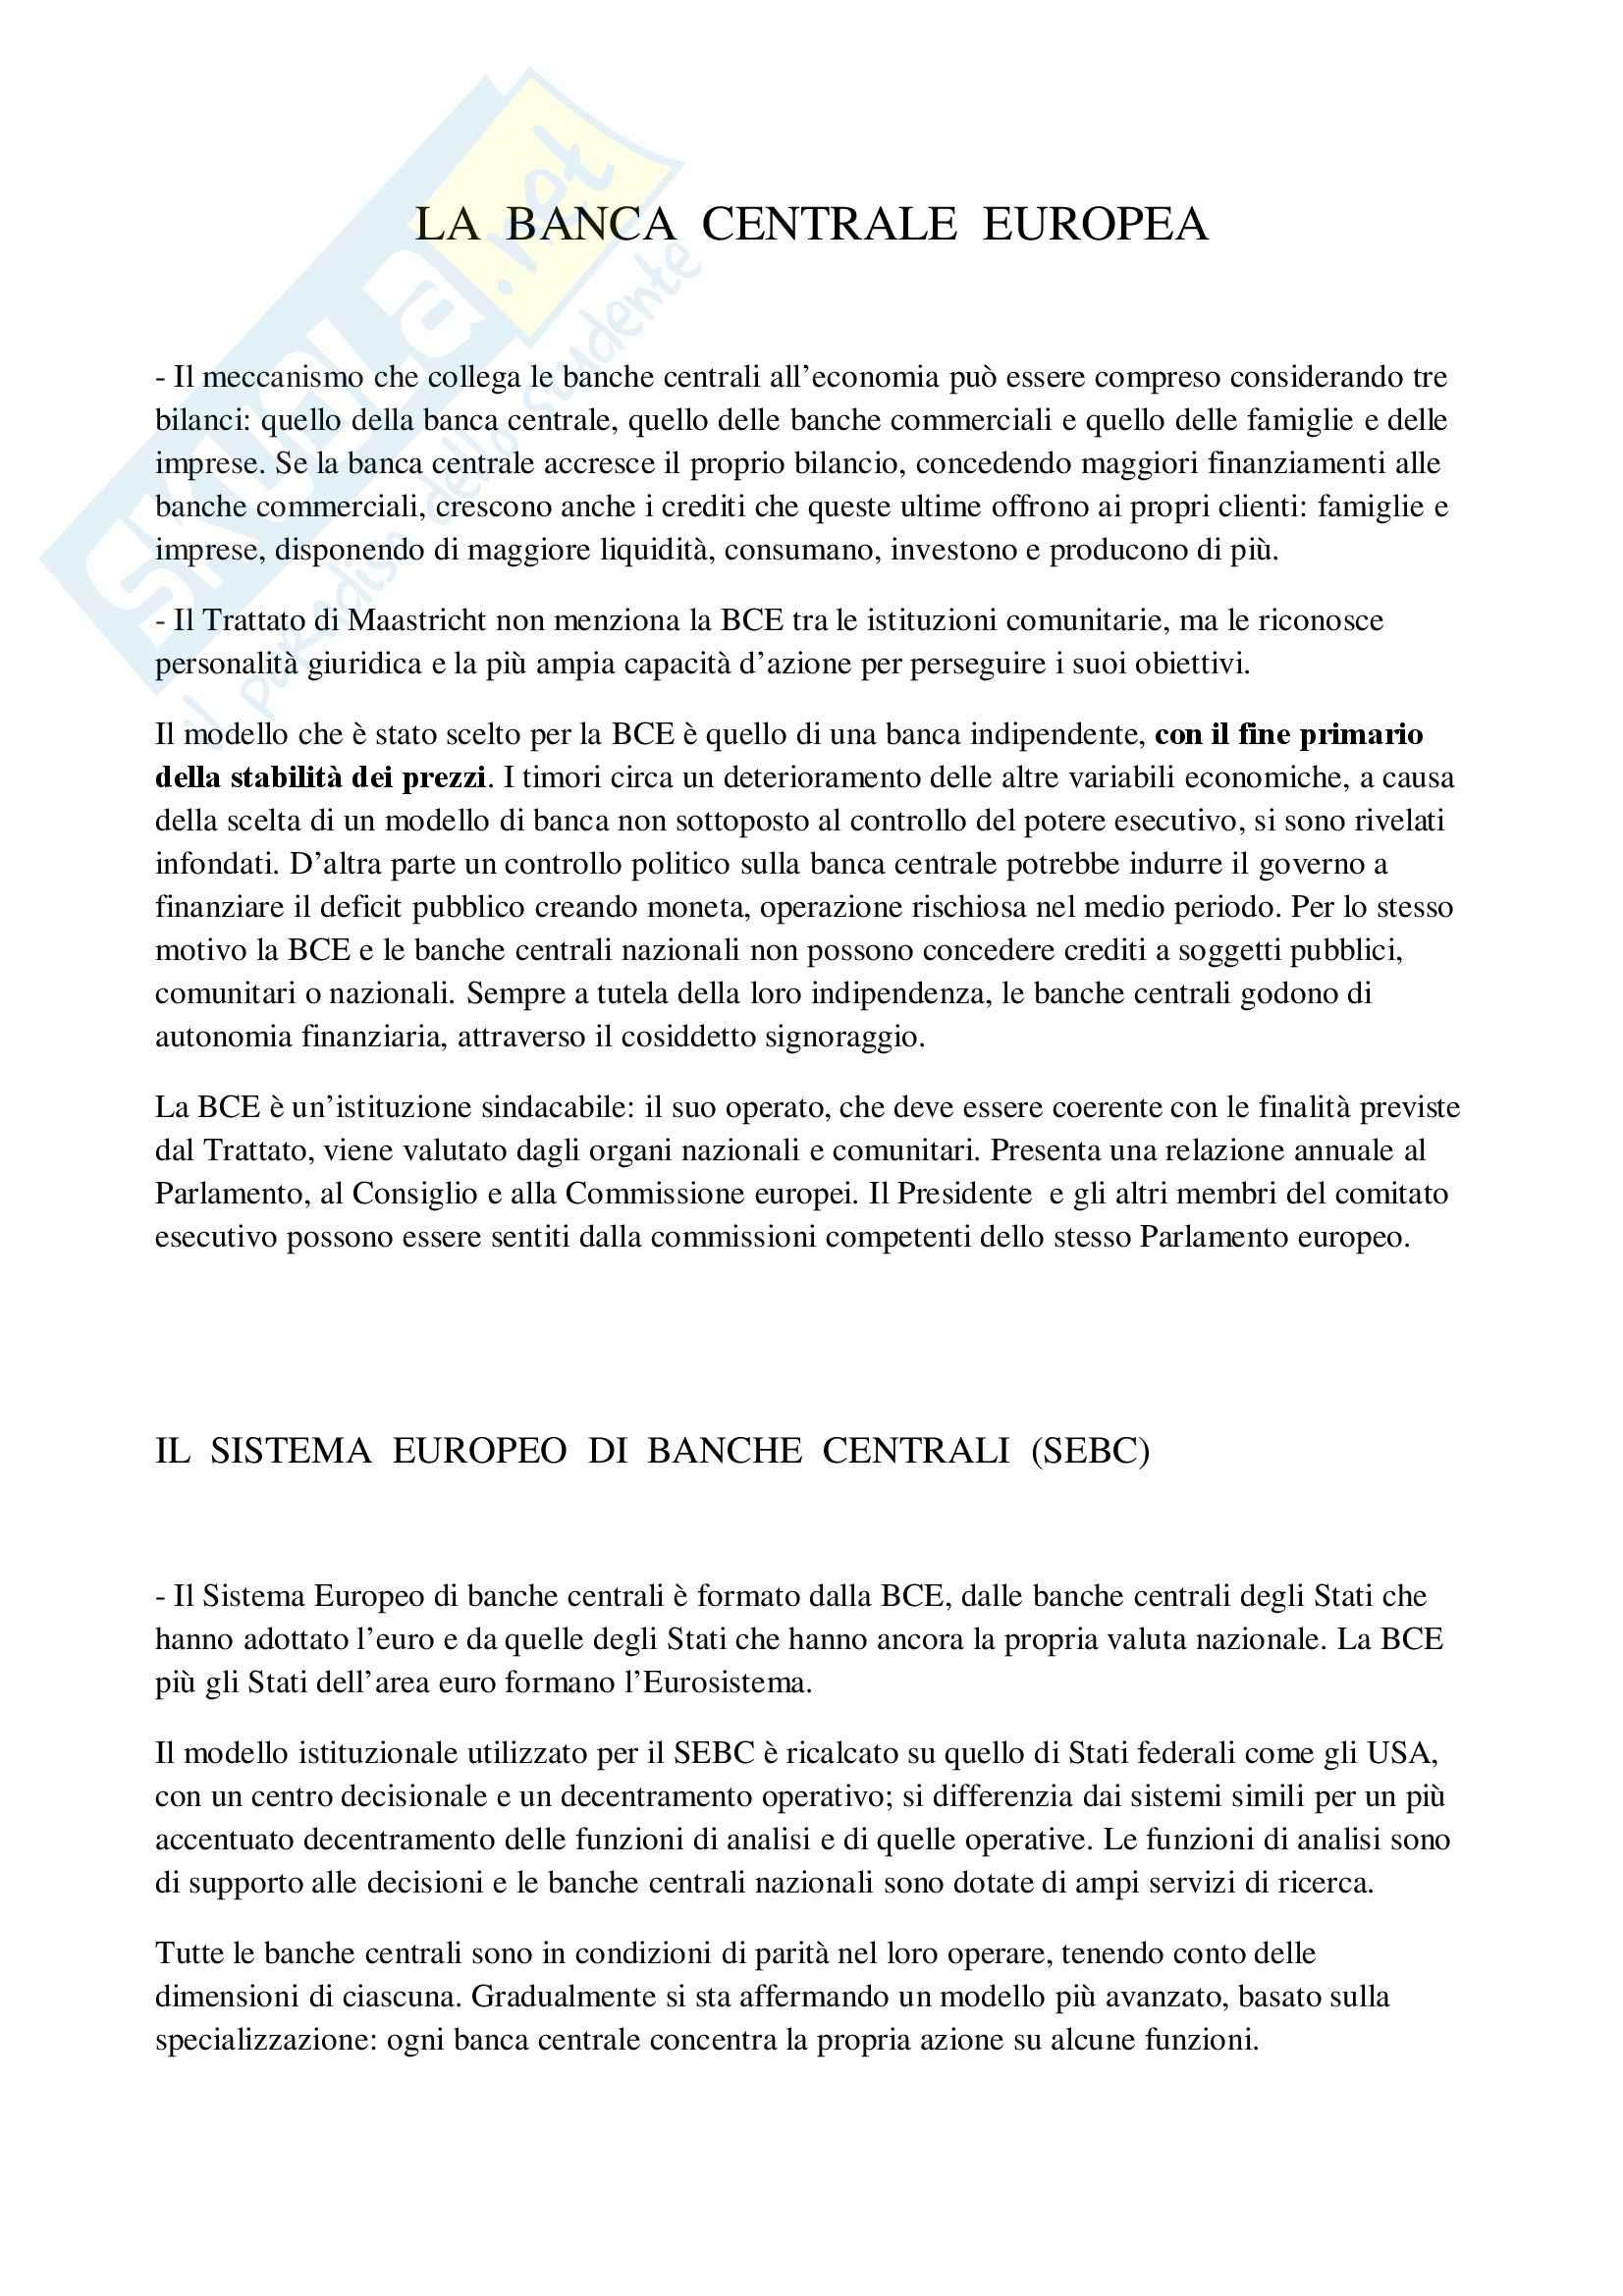 Economia politica - la Banca Centrale Europea